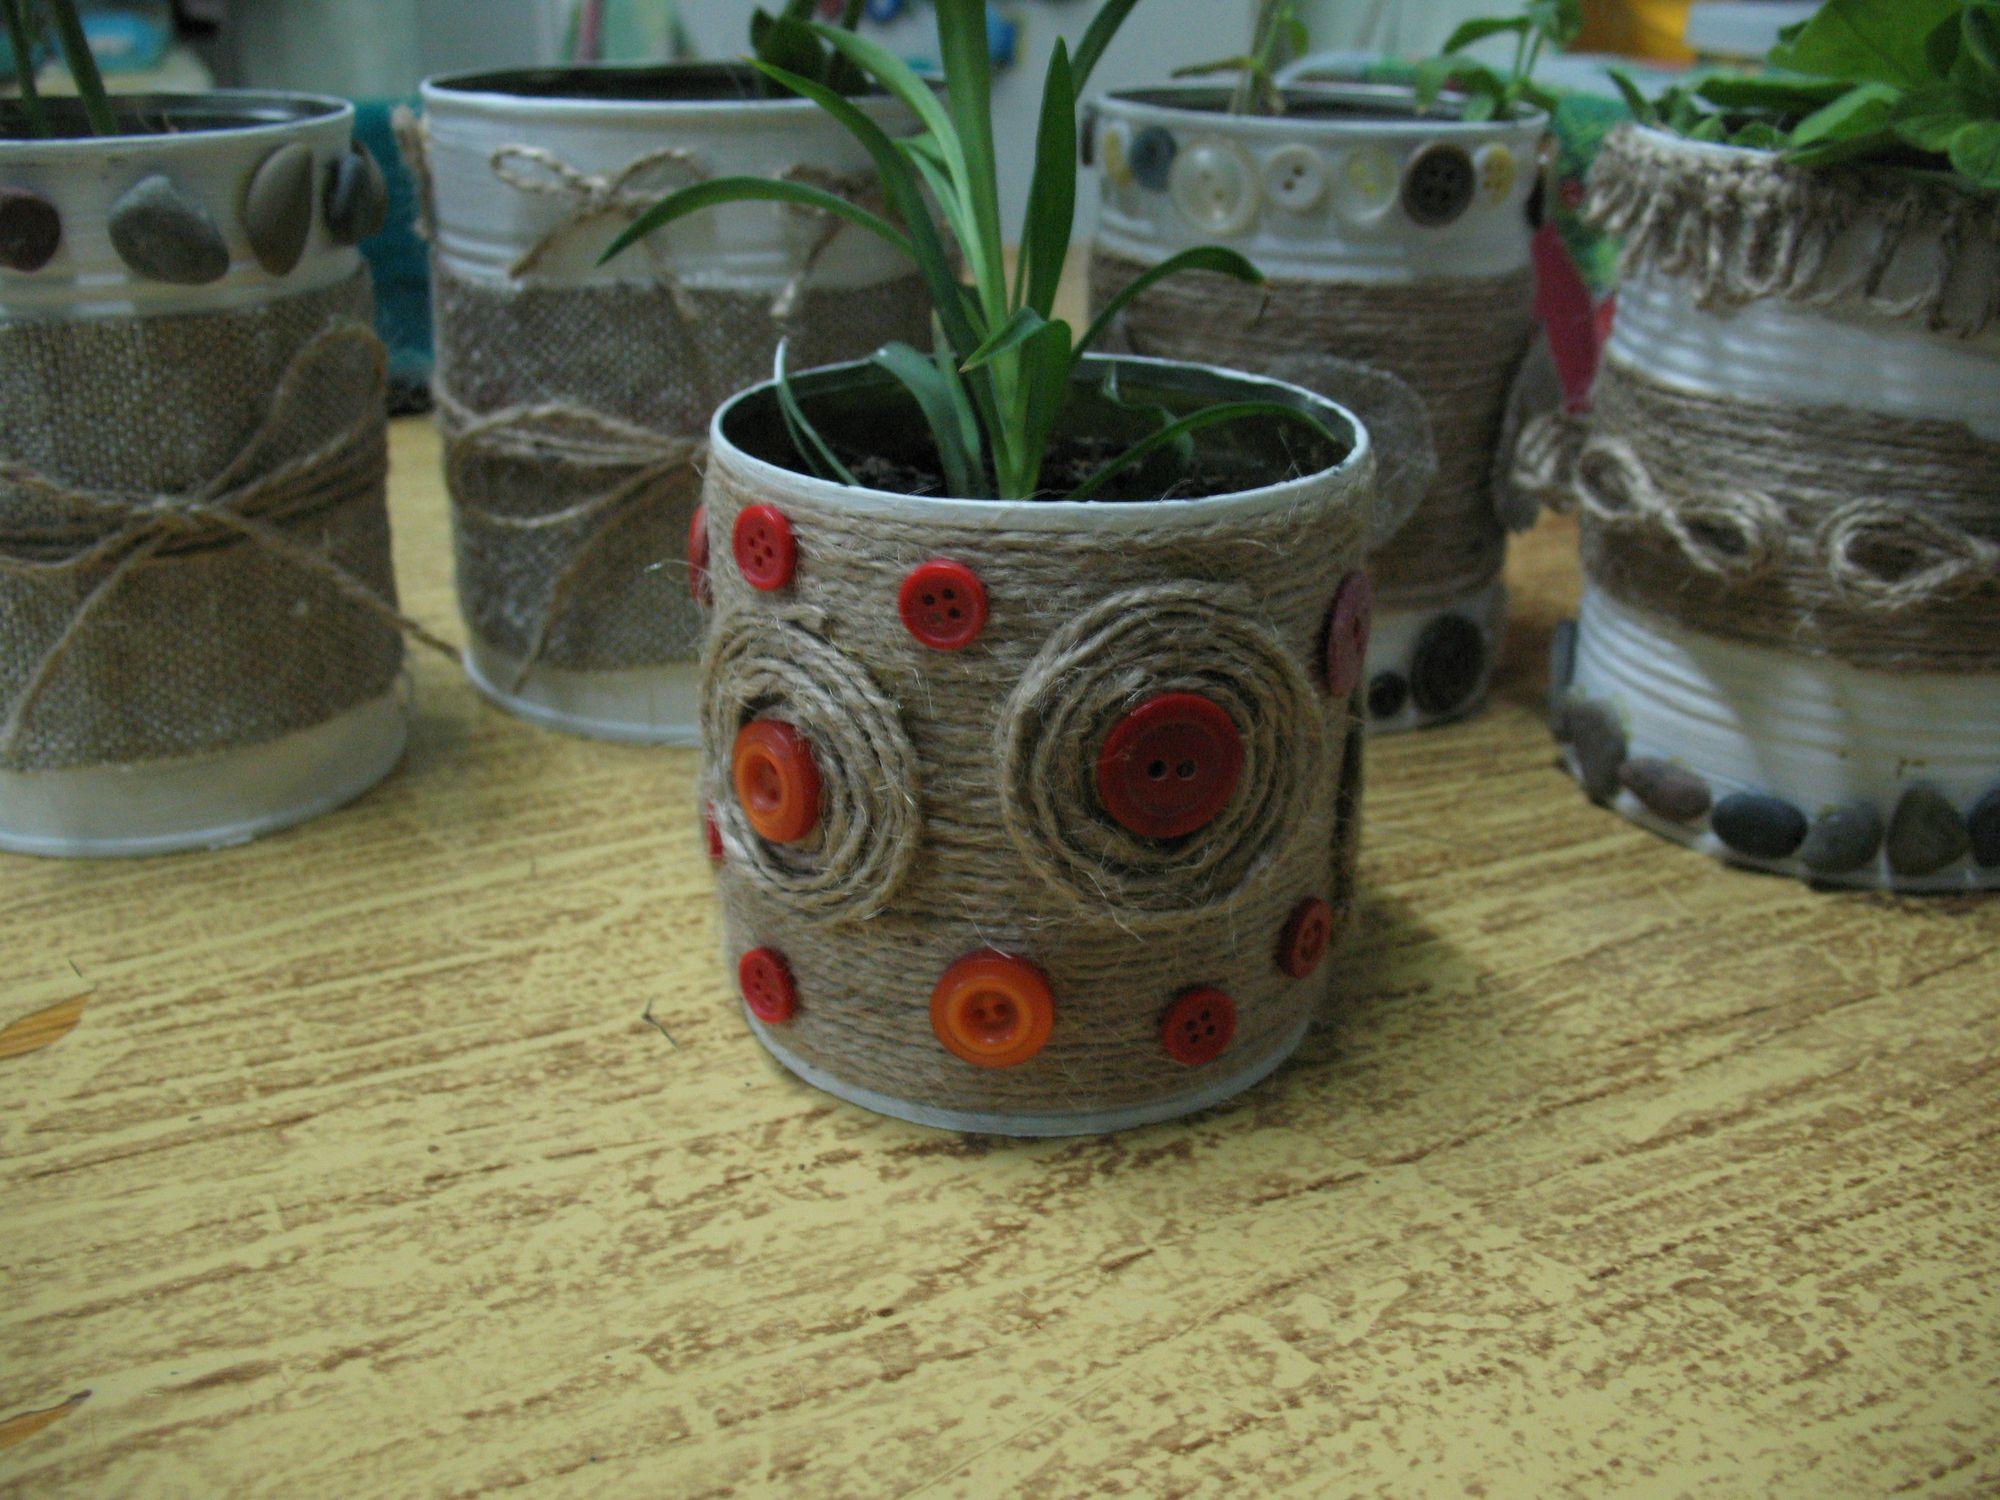 Цветочный горшок из жестяной банки - Поделки своими руками